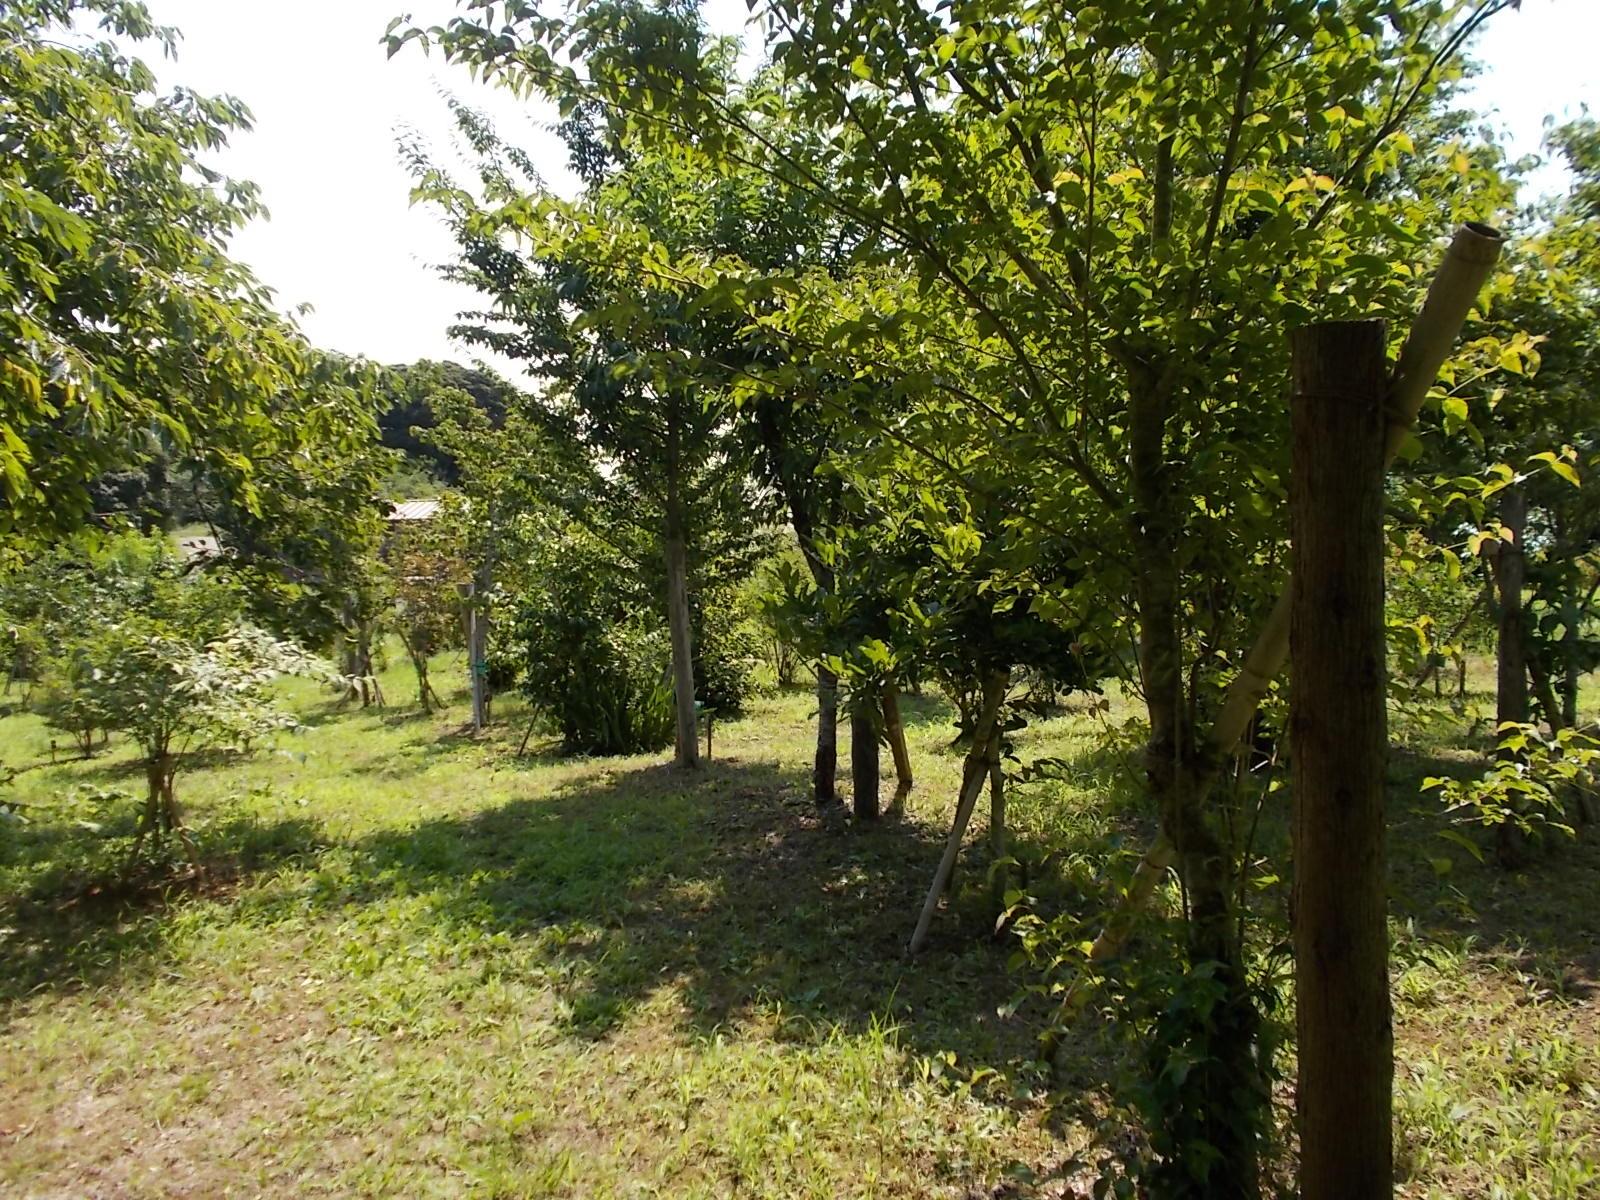 大きく育った木々に木陰が出来て、涼しく下草刈が出来るようになりました。第二樹木葬地